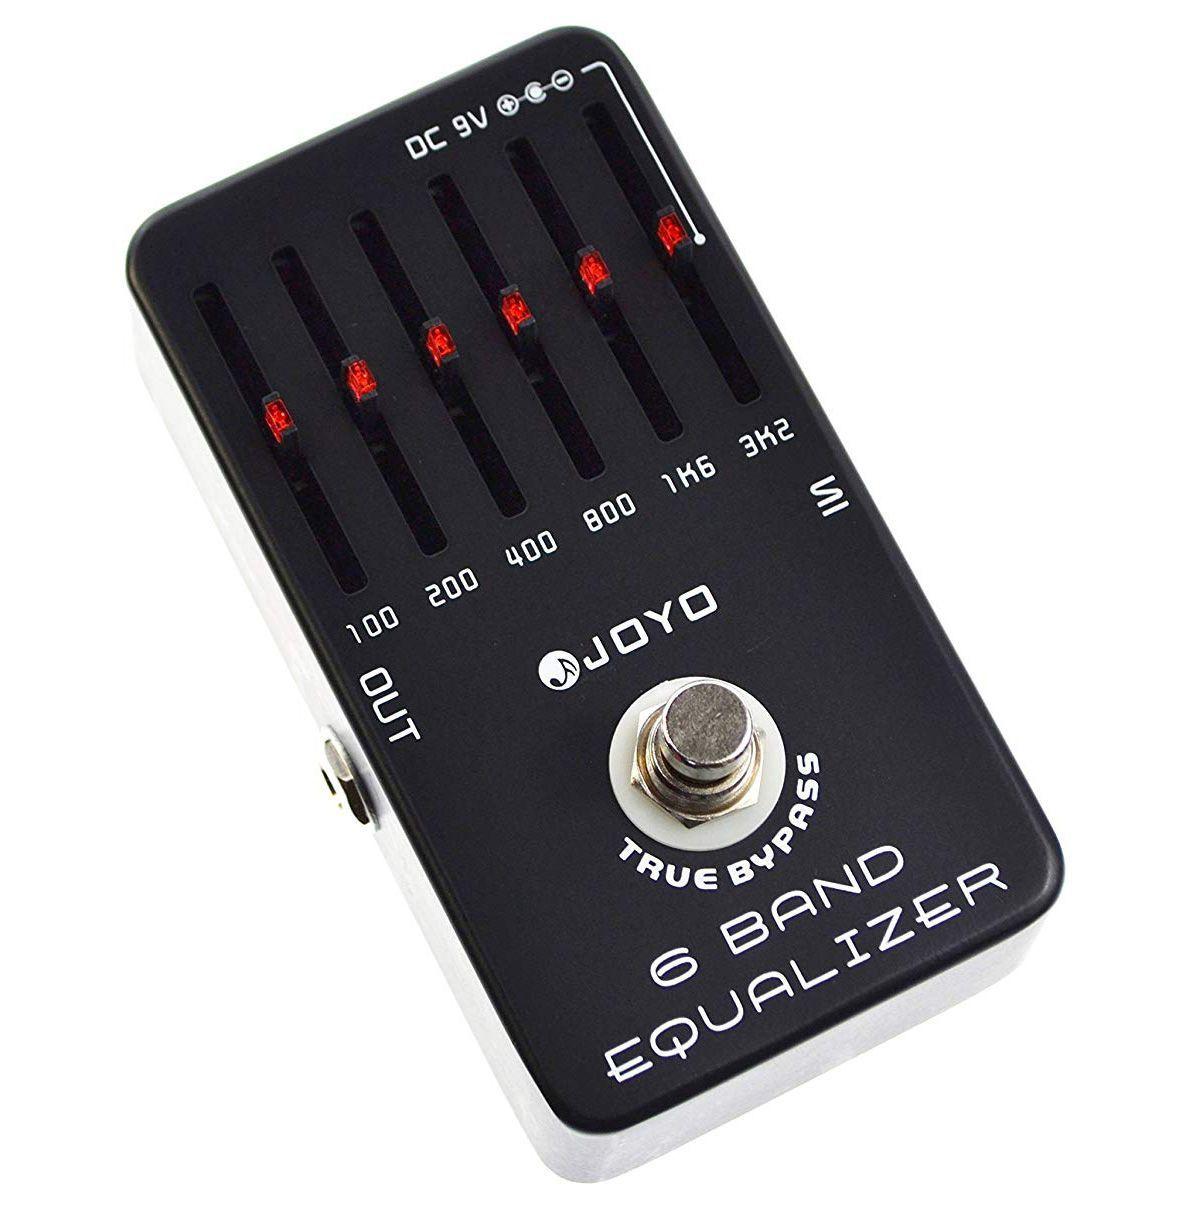 Pedal Joyo Jf-11 Equalizador (equalizer) 6 Bands Eq